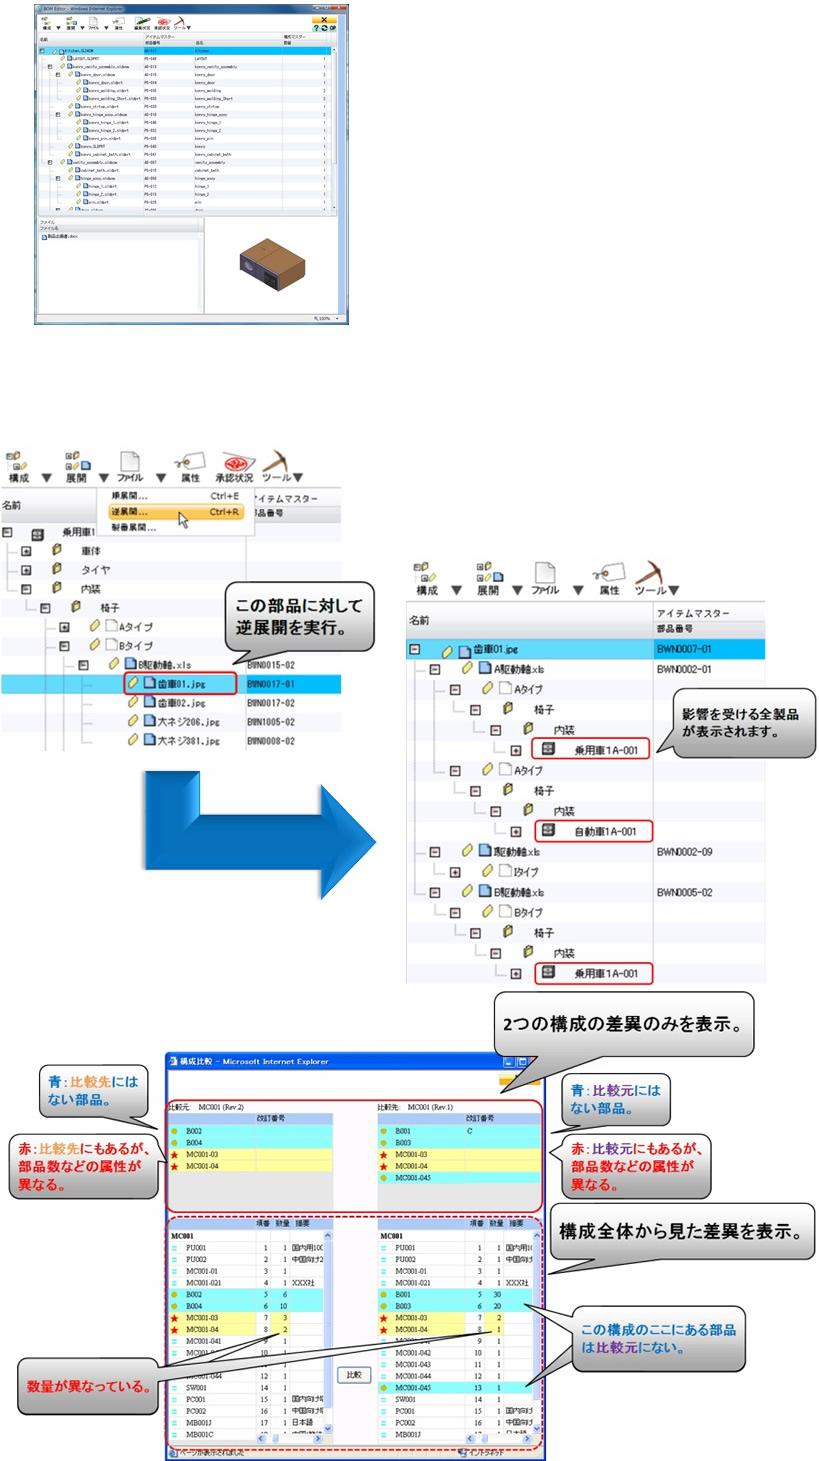 使い易い文書、図面管理システムFullWEBに「製品構成管理機能」を加え、BOM構築が可能